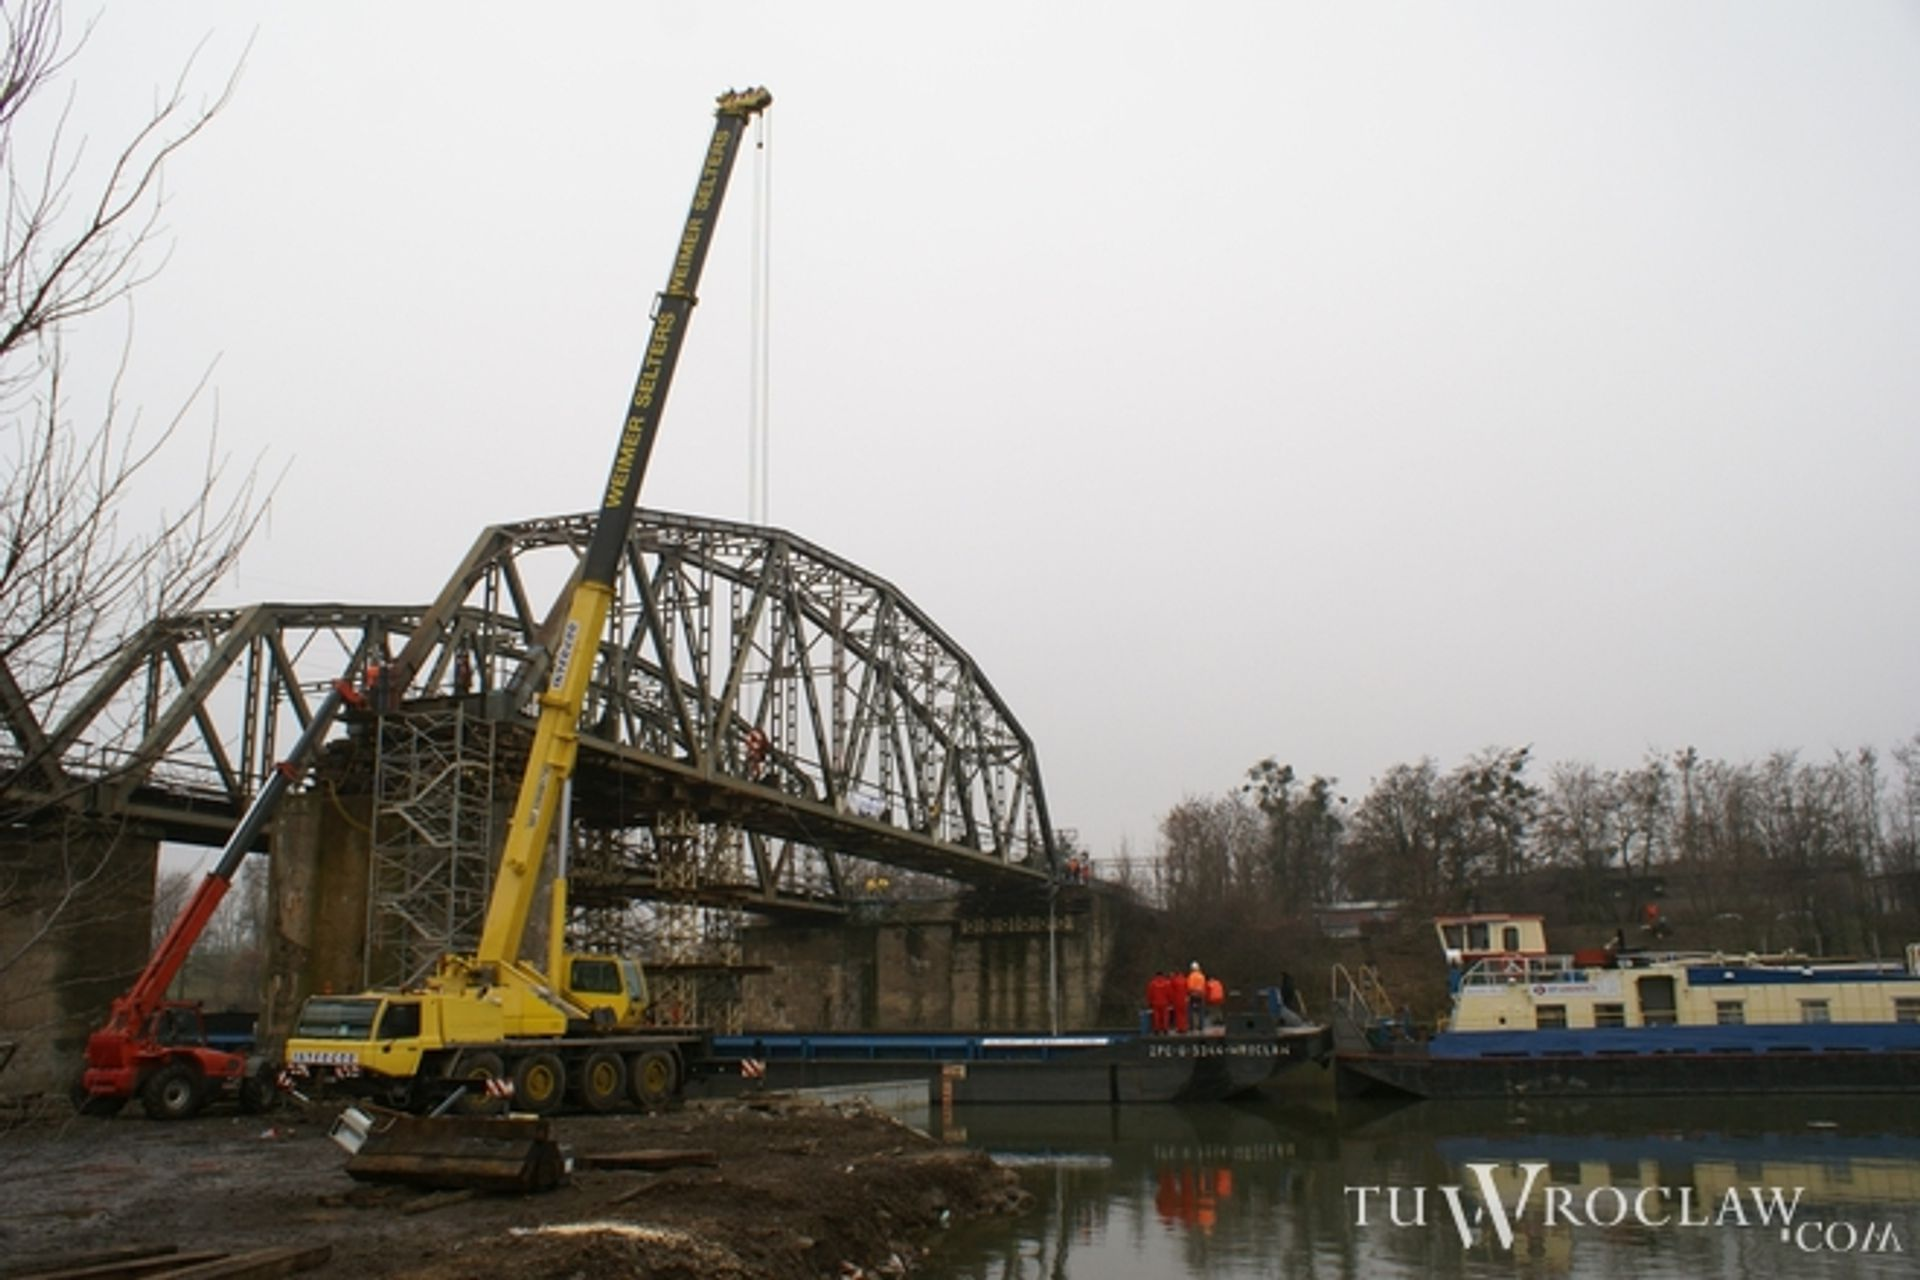 [Wrocław] Modernizacja mostu kolejowego na Osobowicach: zdejmują 200-tonowe przęsło